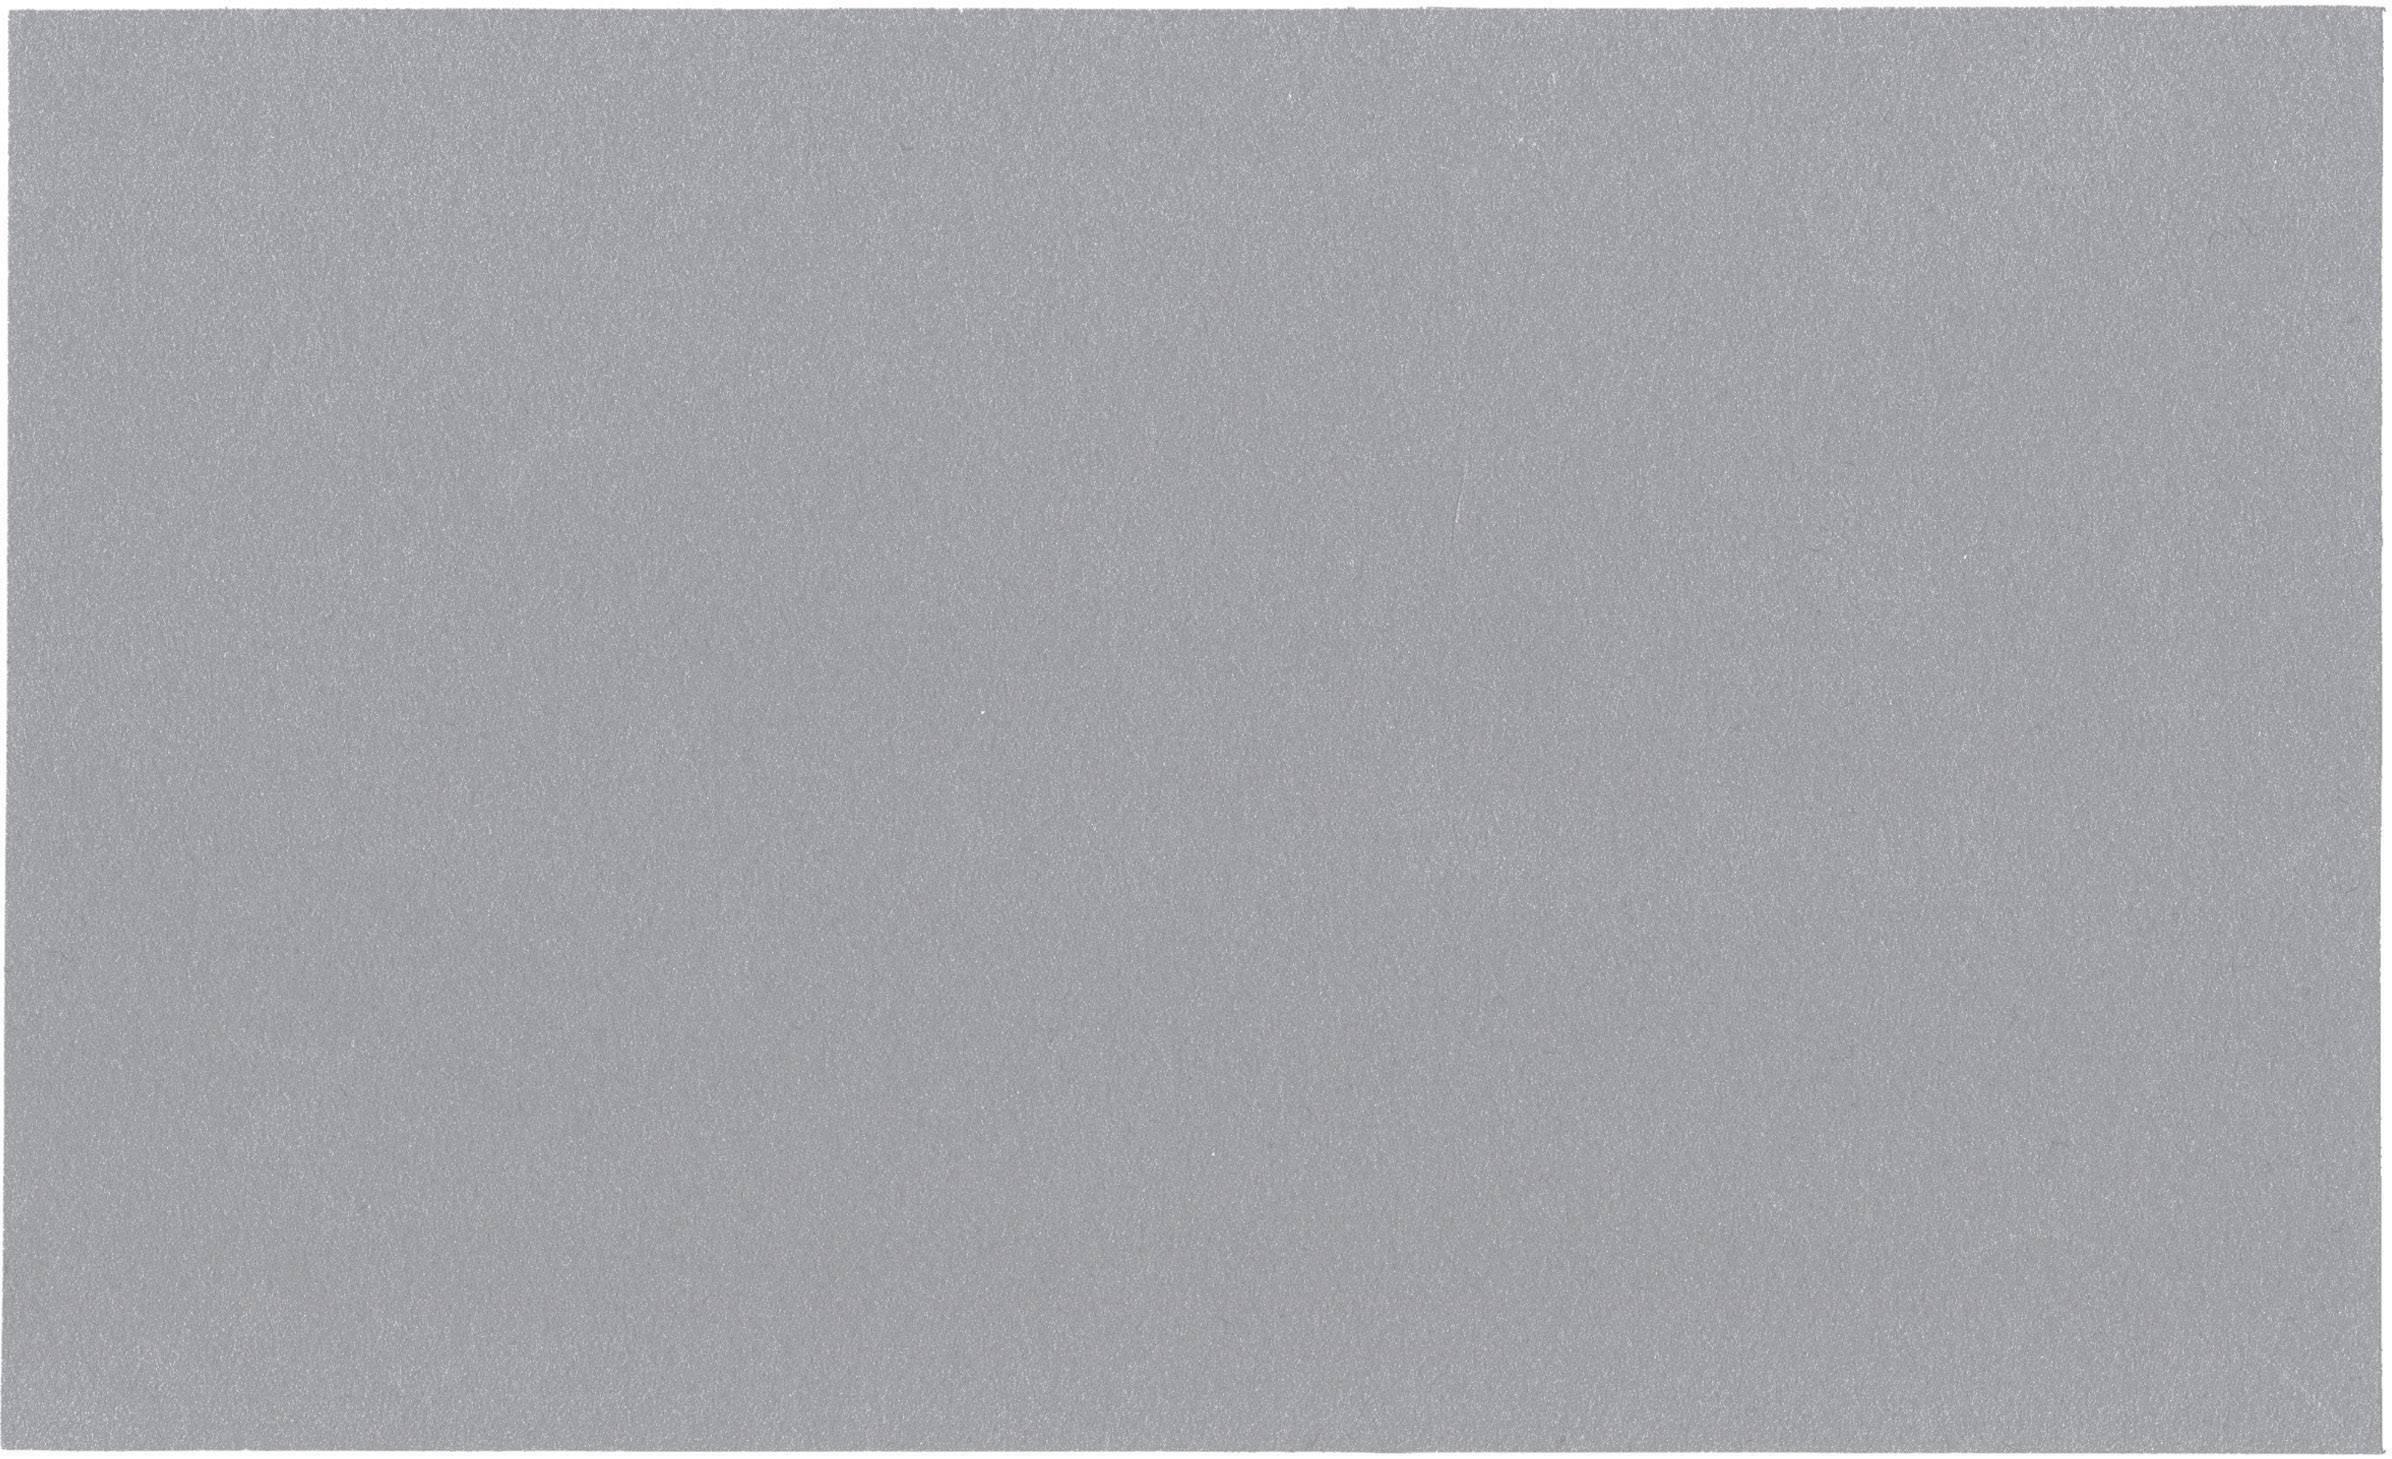 Teplovodivá fólie Softtherm Kerafol 86/600, 6 W/mK, 200 x 120 x 1 mm